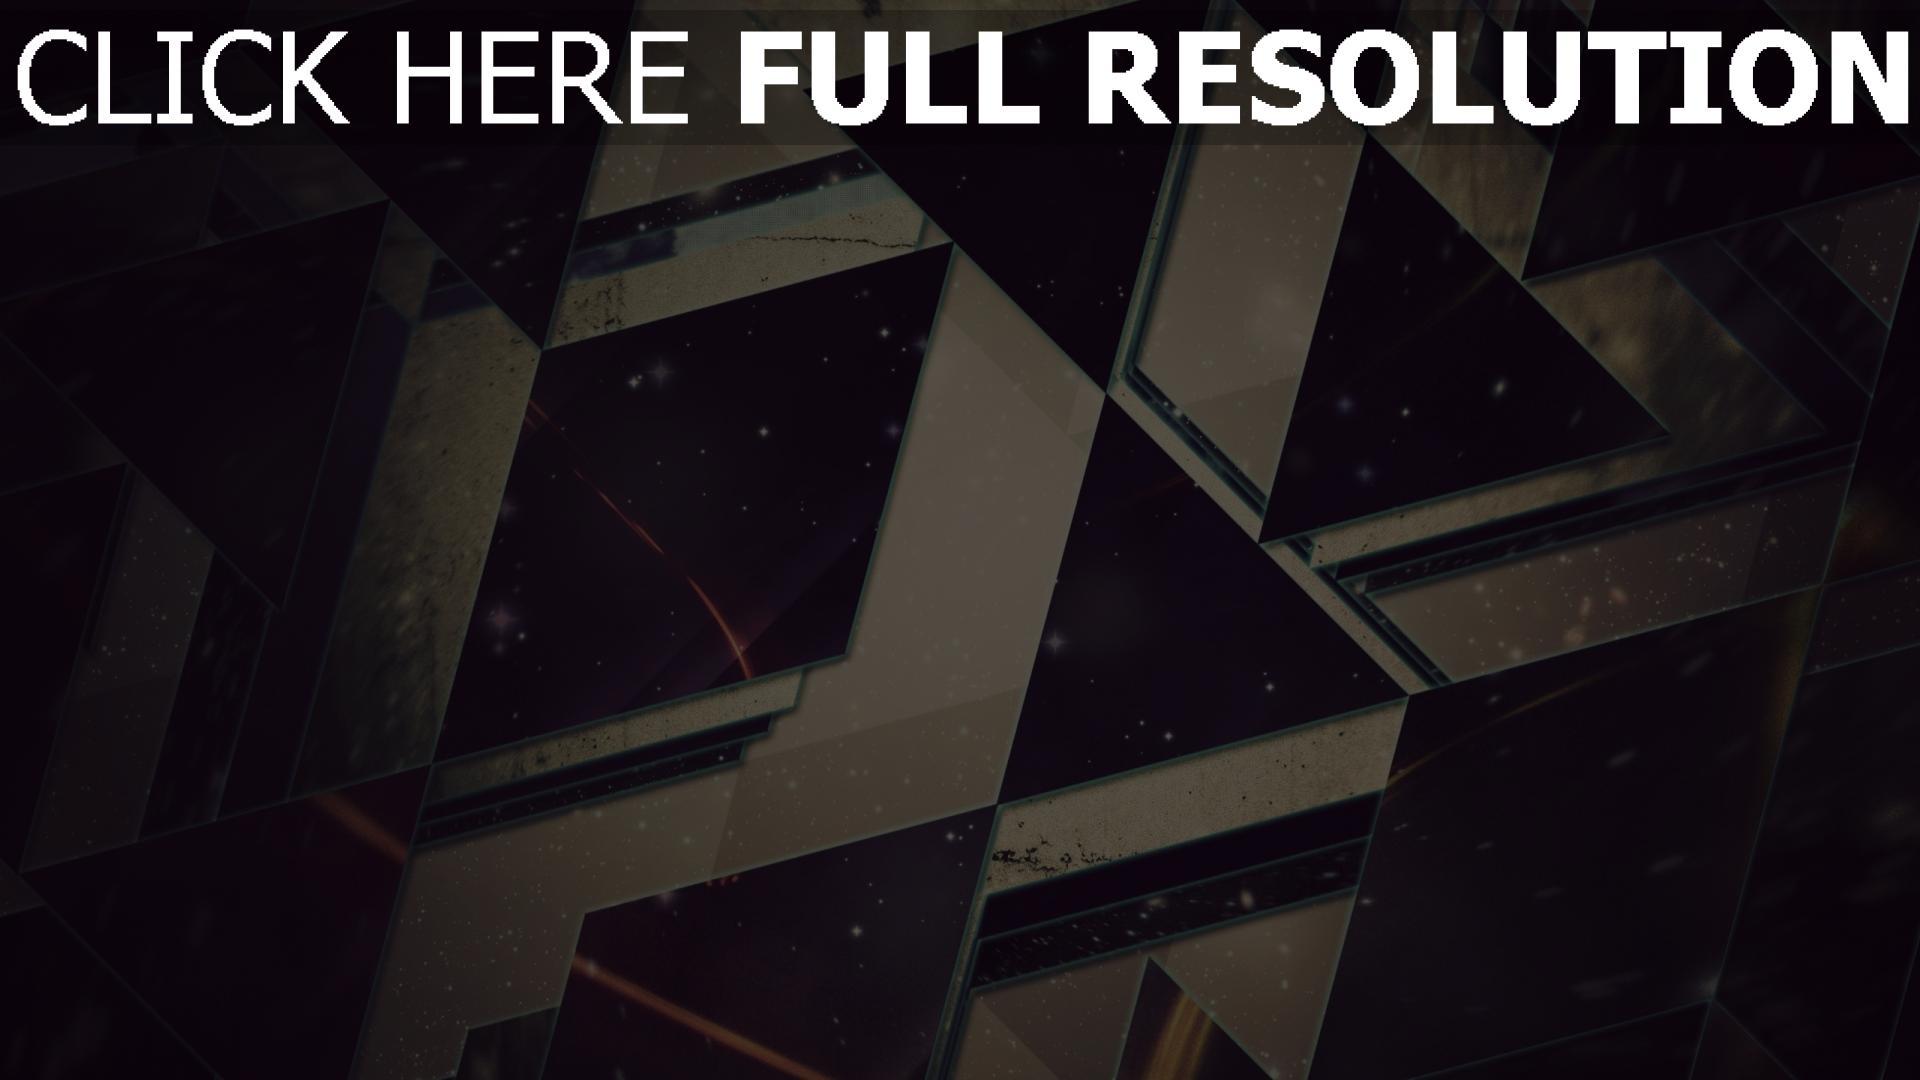 hd hintergrundbilder Dreiecke  leicht  schwarzes  hintergrund 1920x1080